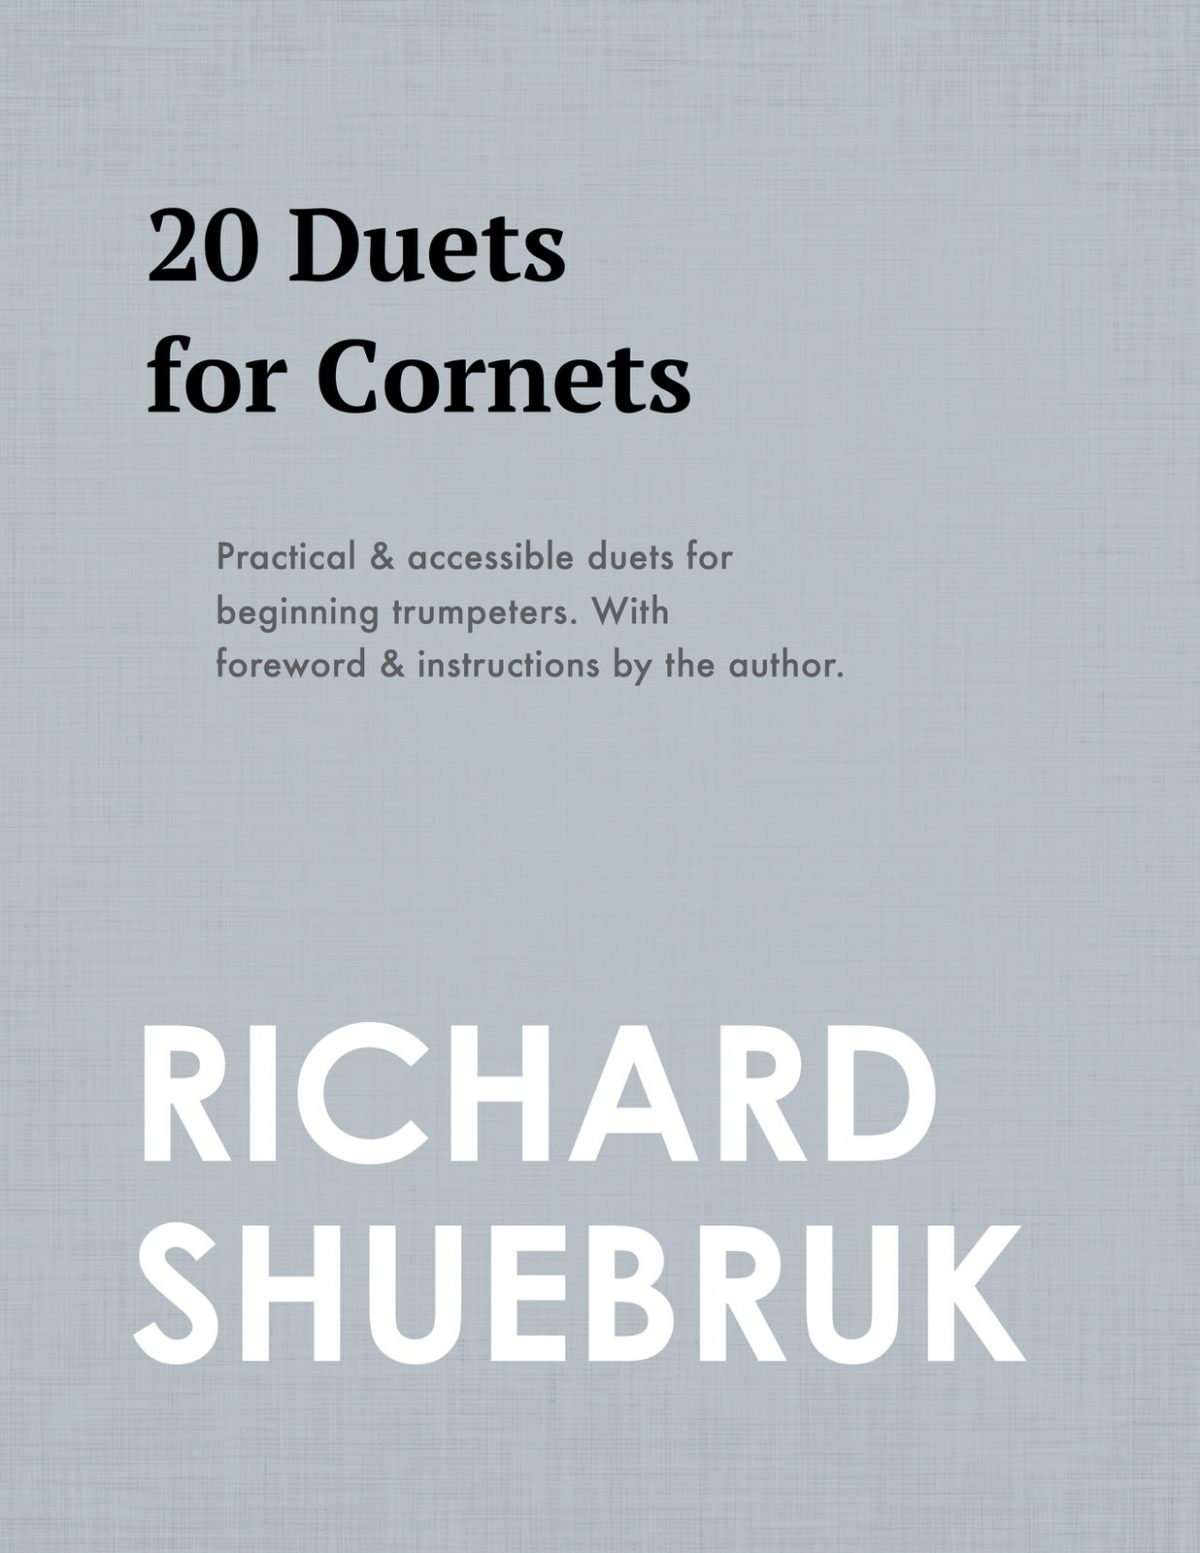 Shuebruk, 20 Duets for Cornets-p01